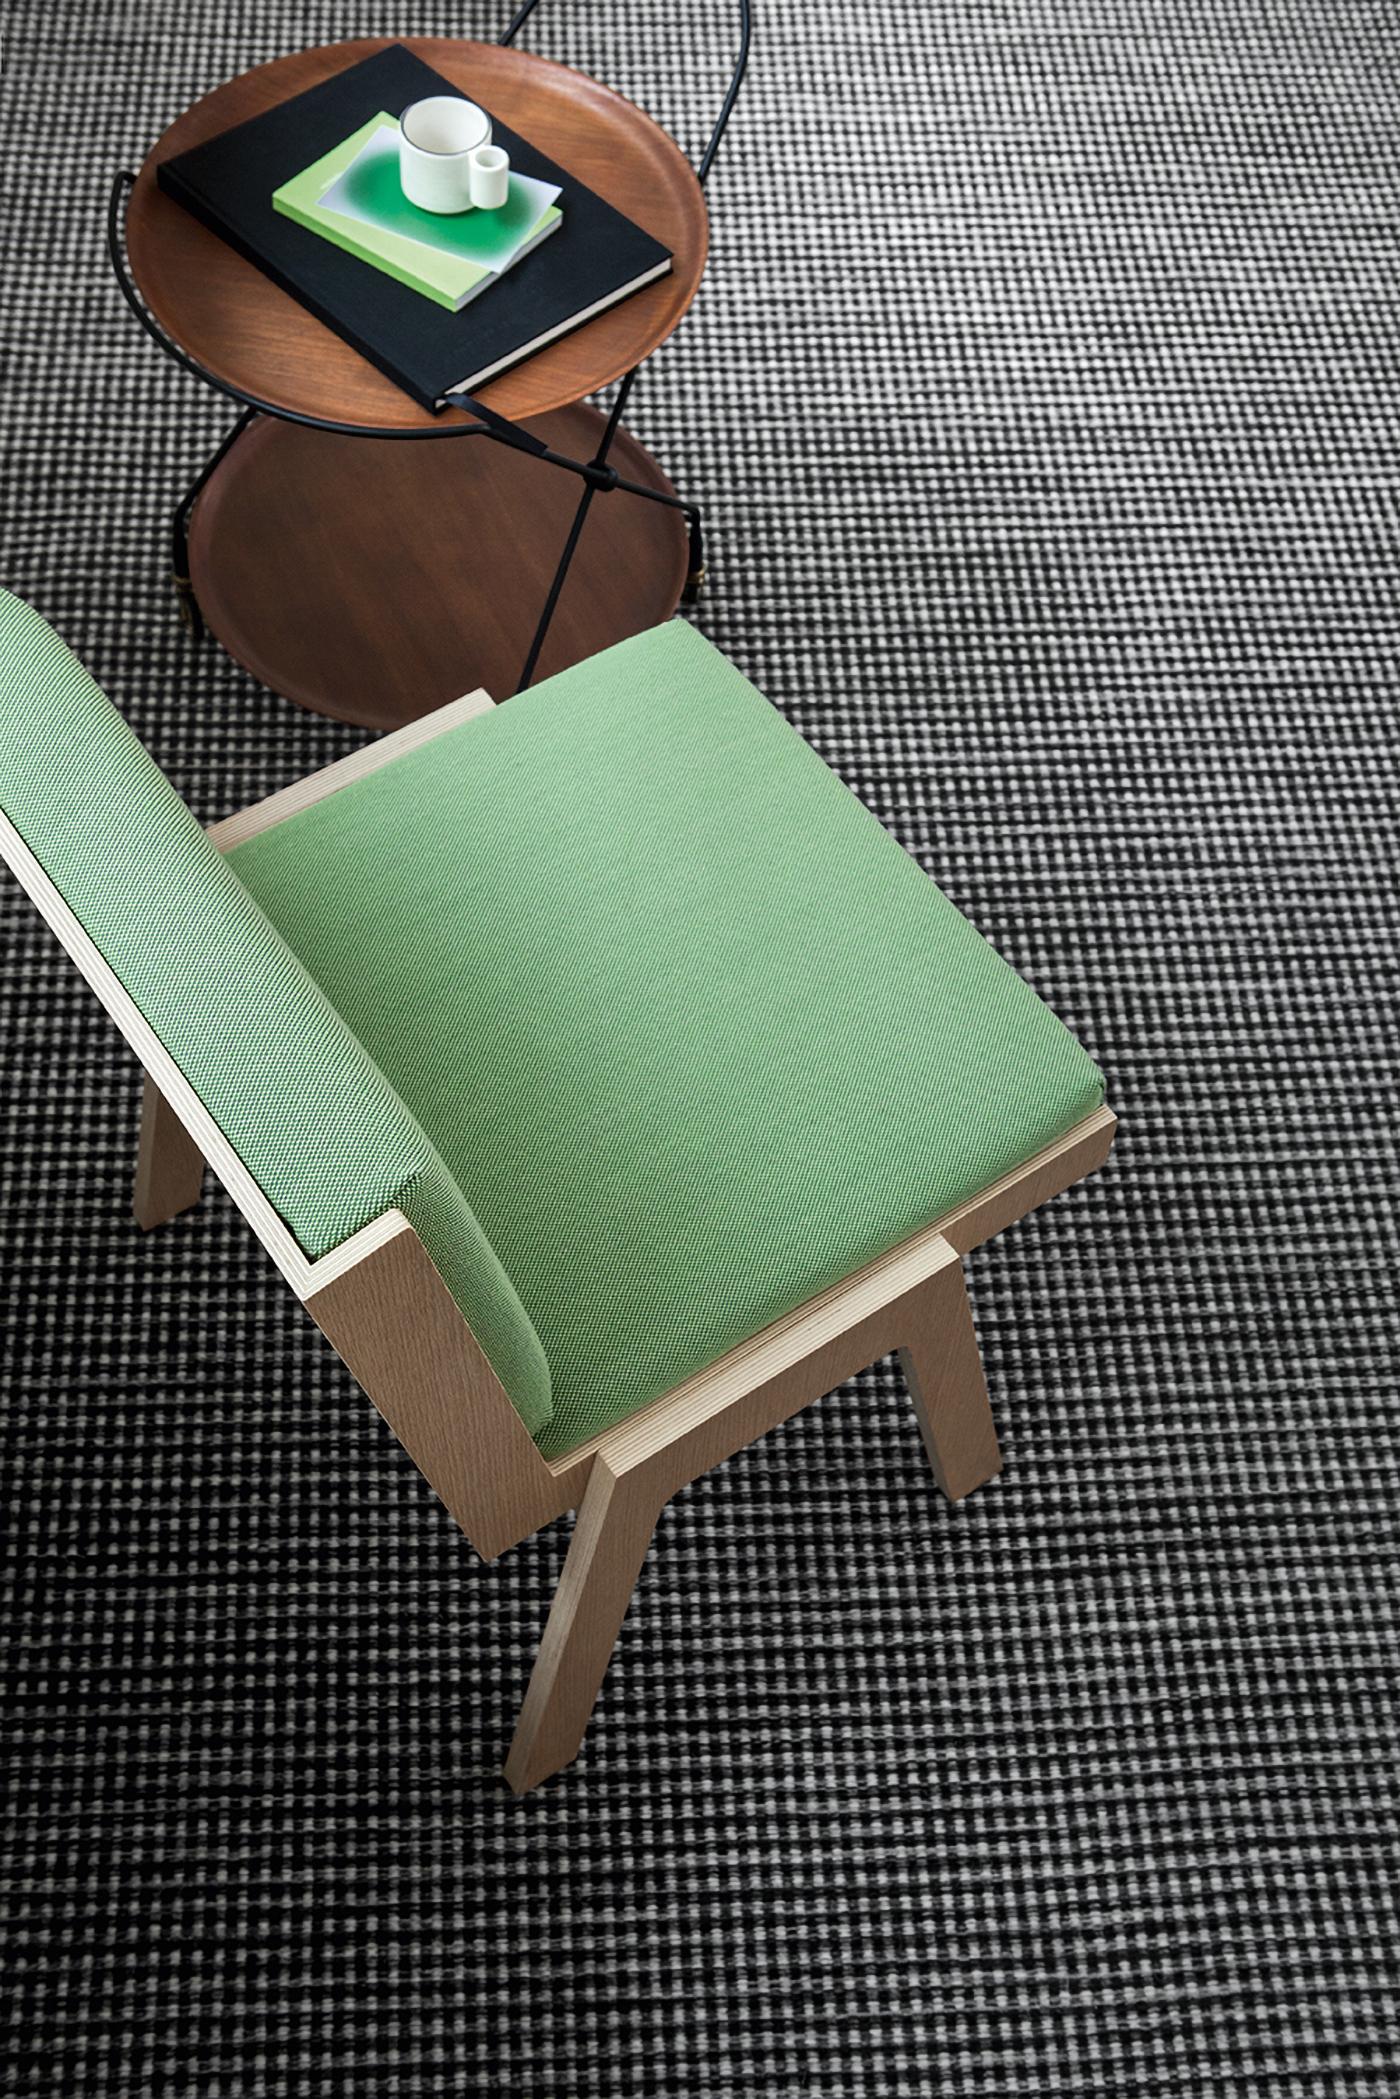 TinnappleMetz-agapecase-mangiarotti-Club-44-Chair_07